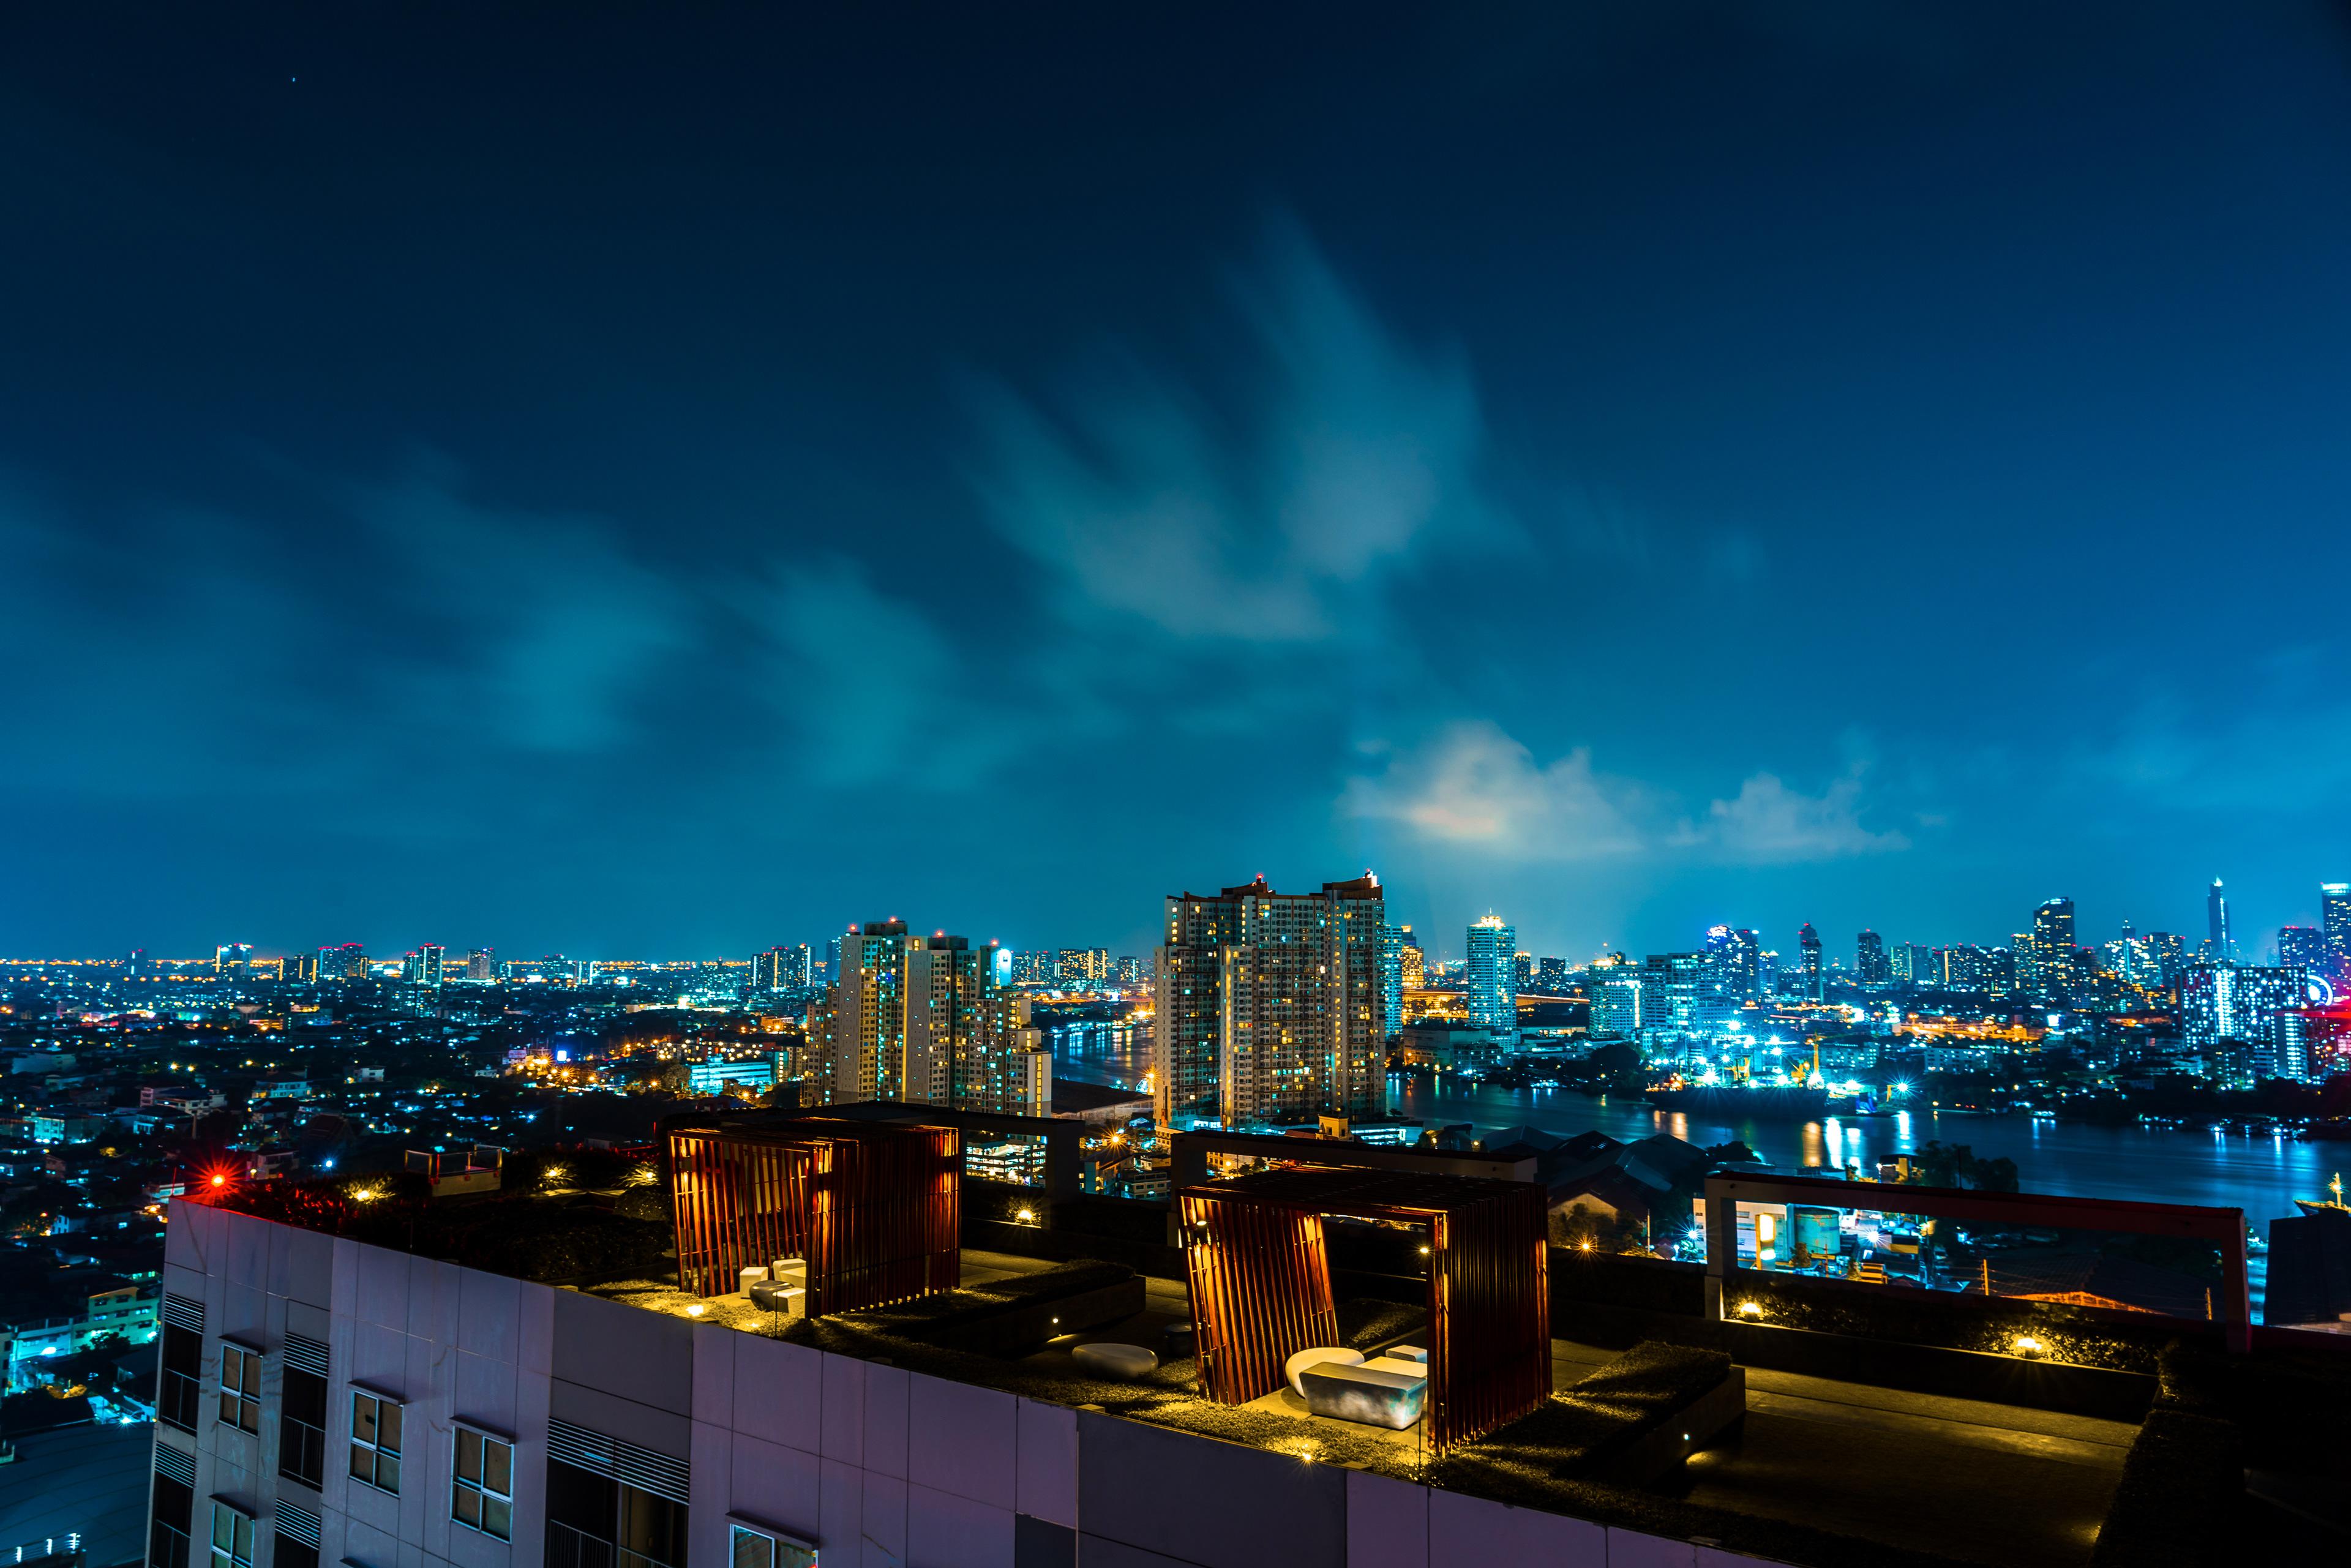 Картинки город ночь крыши, продуктами красивые для